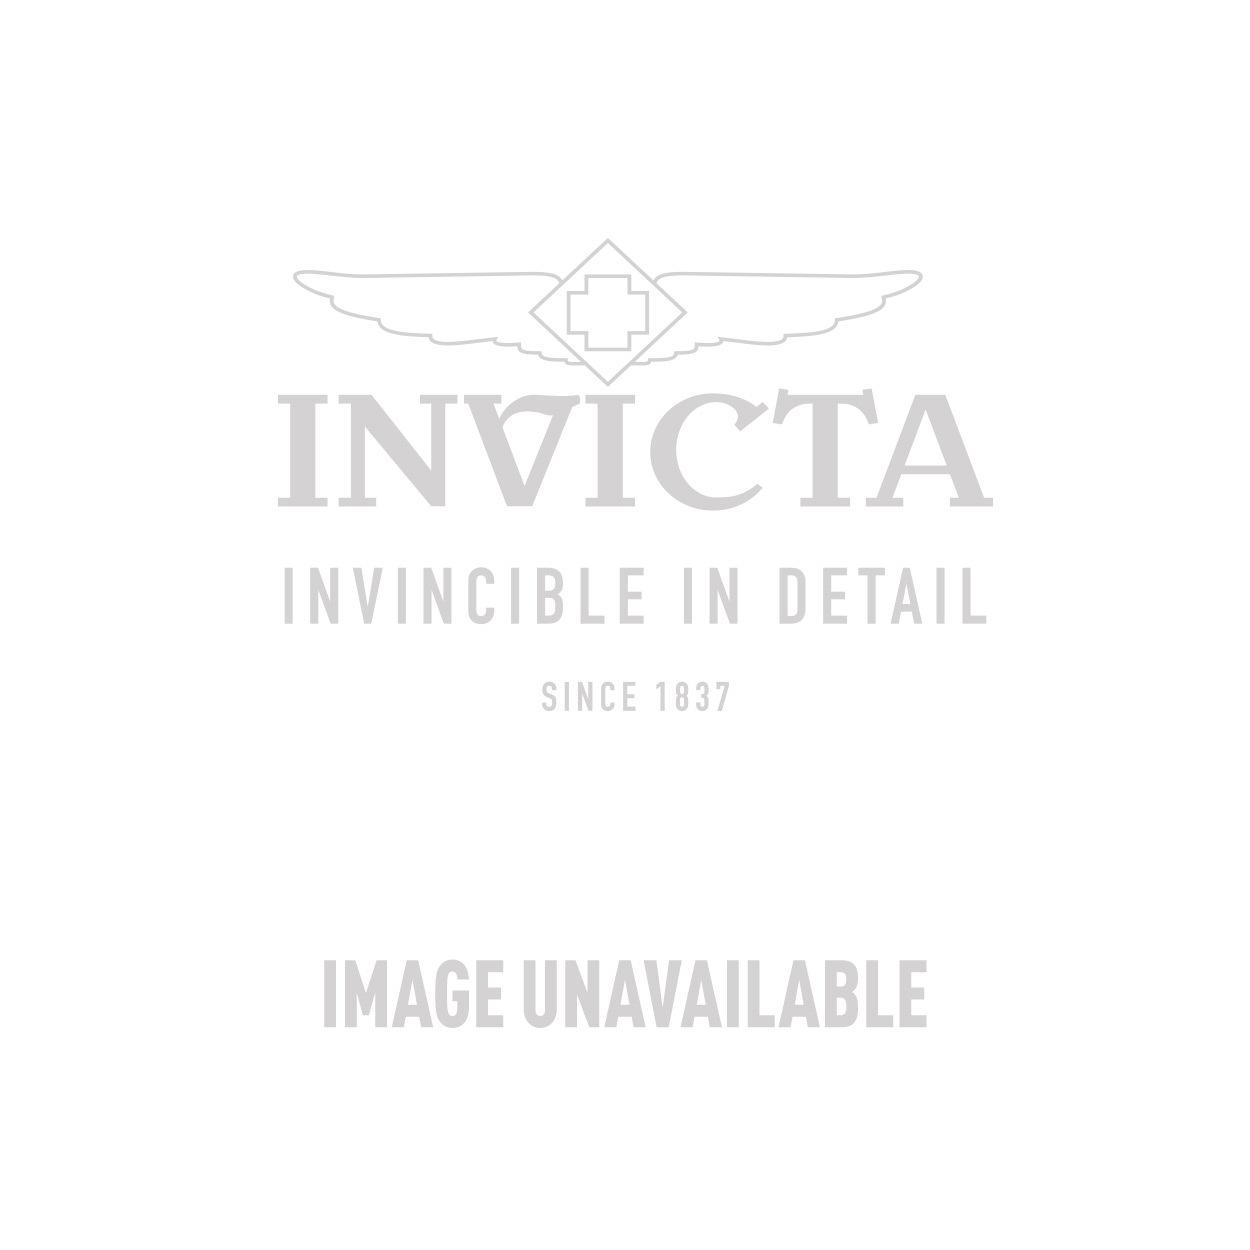 Invicta Model 28005